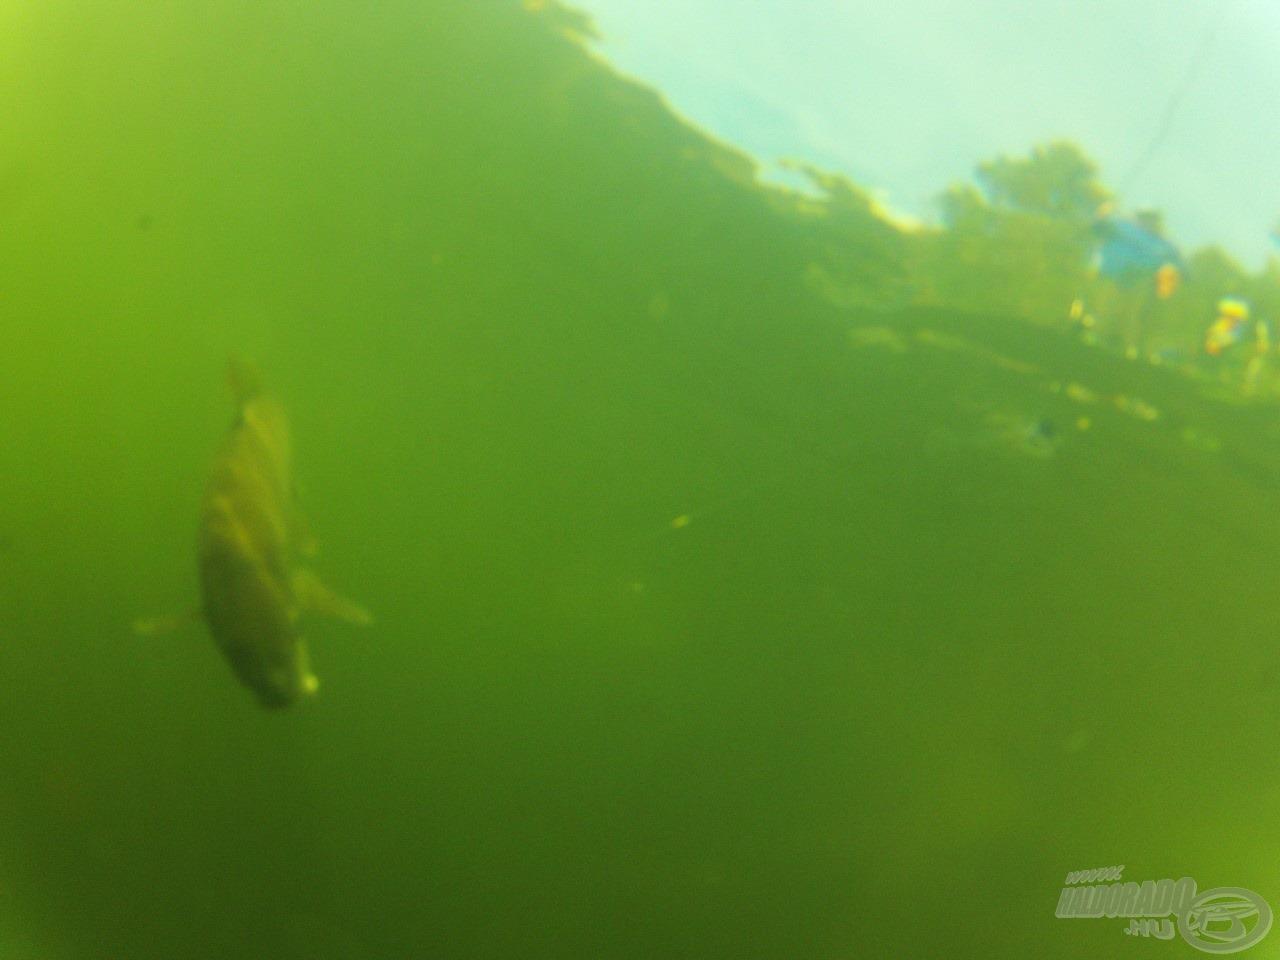 Ritkán látható kép, amikor a menekülő hal szemszögéből látszódik minden